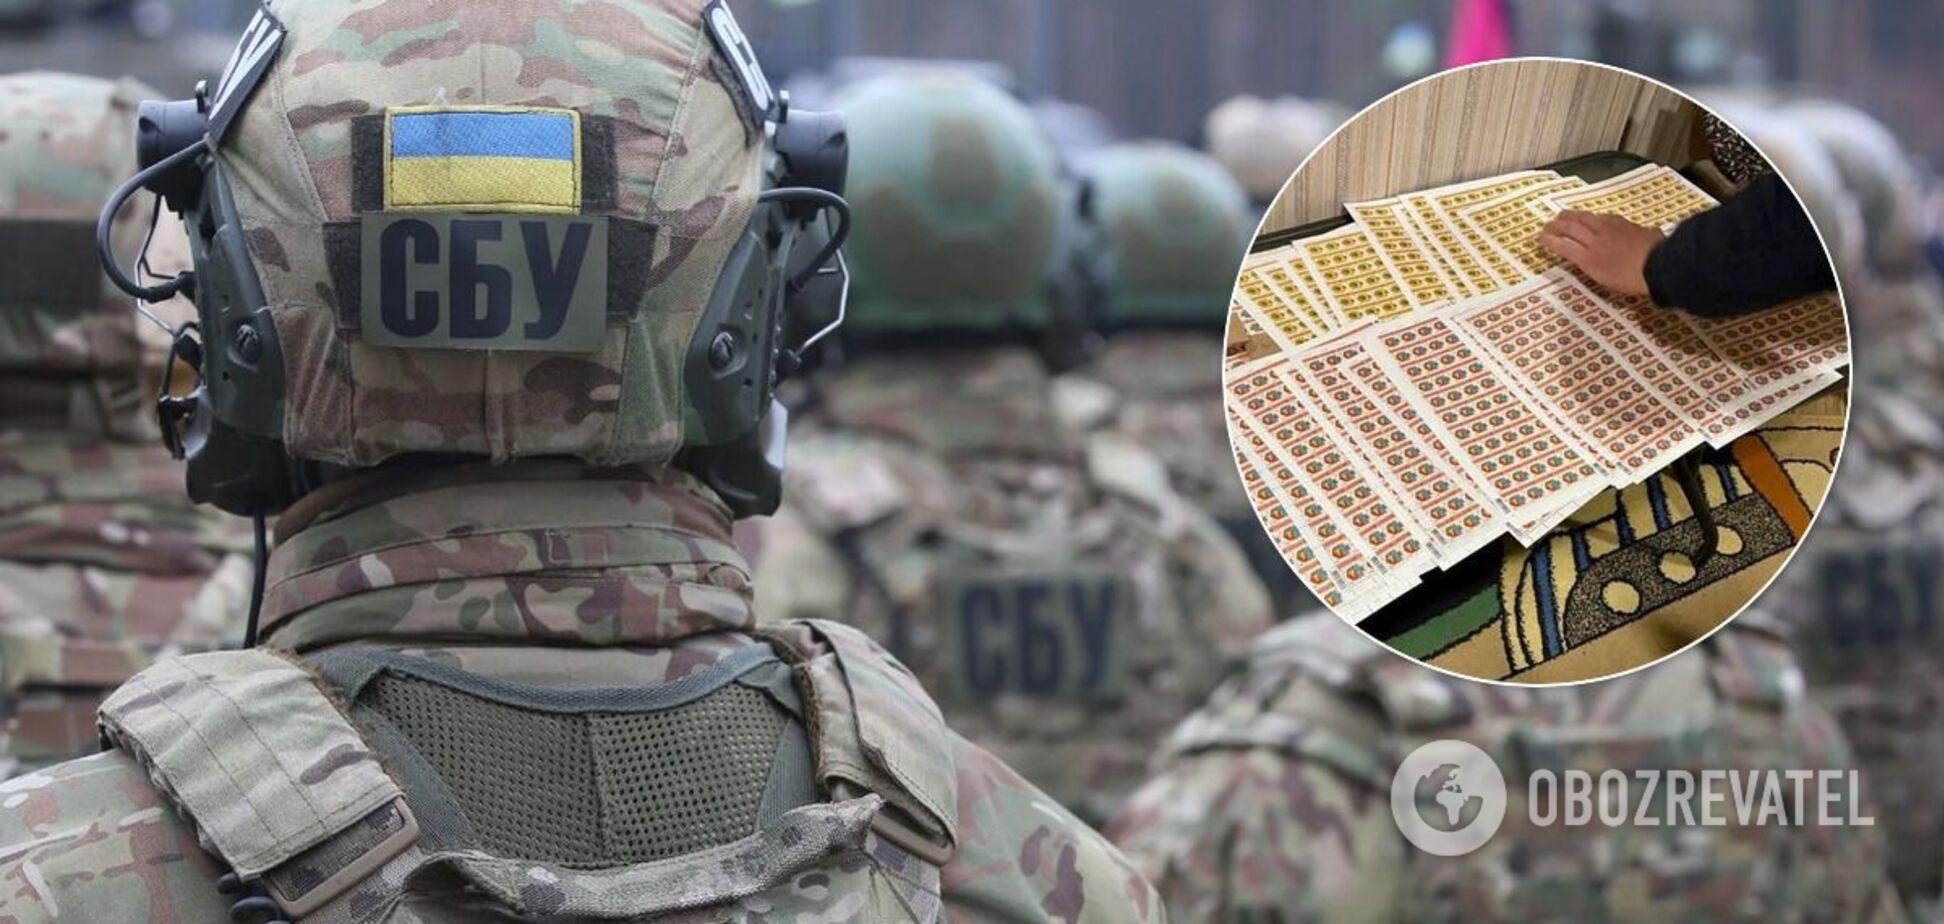 СБУ прекратила распространение поддельных марок 'Укрпочты'